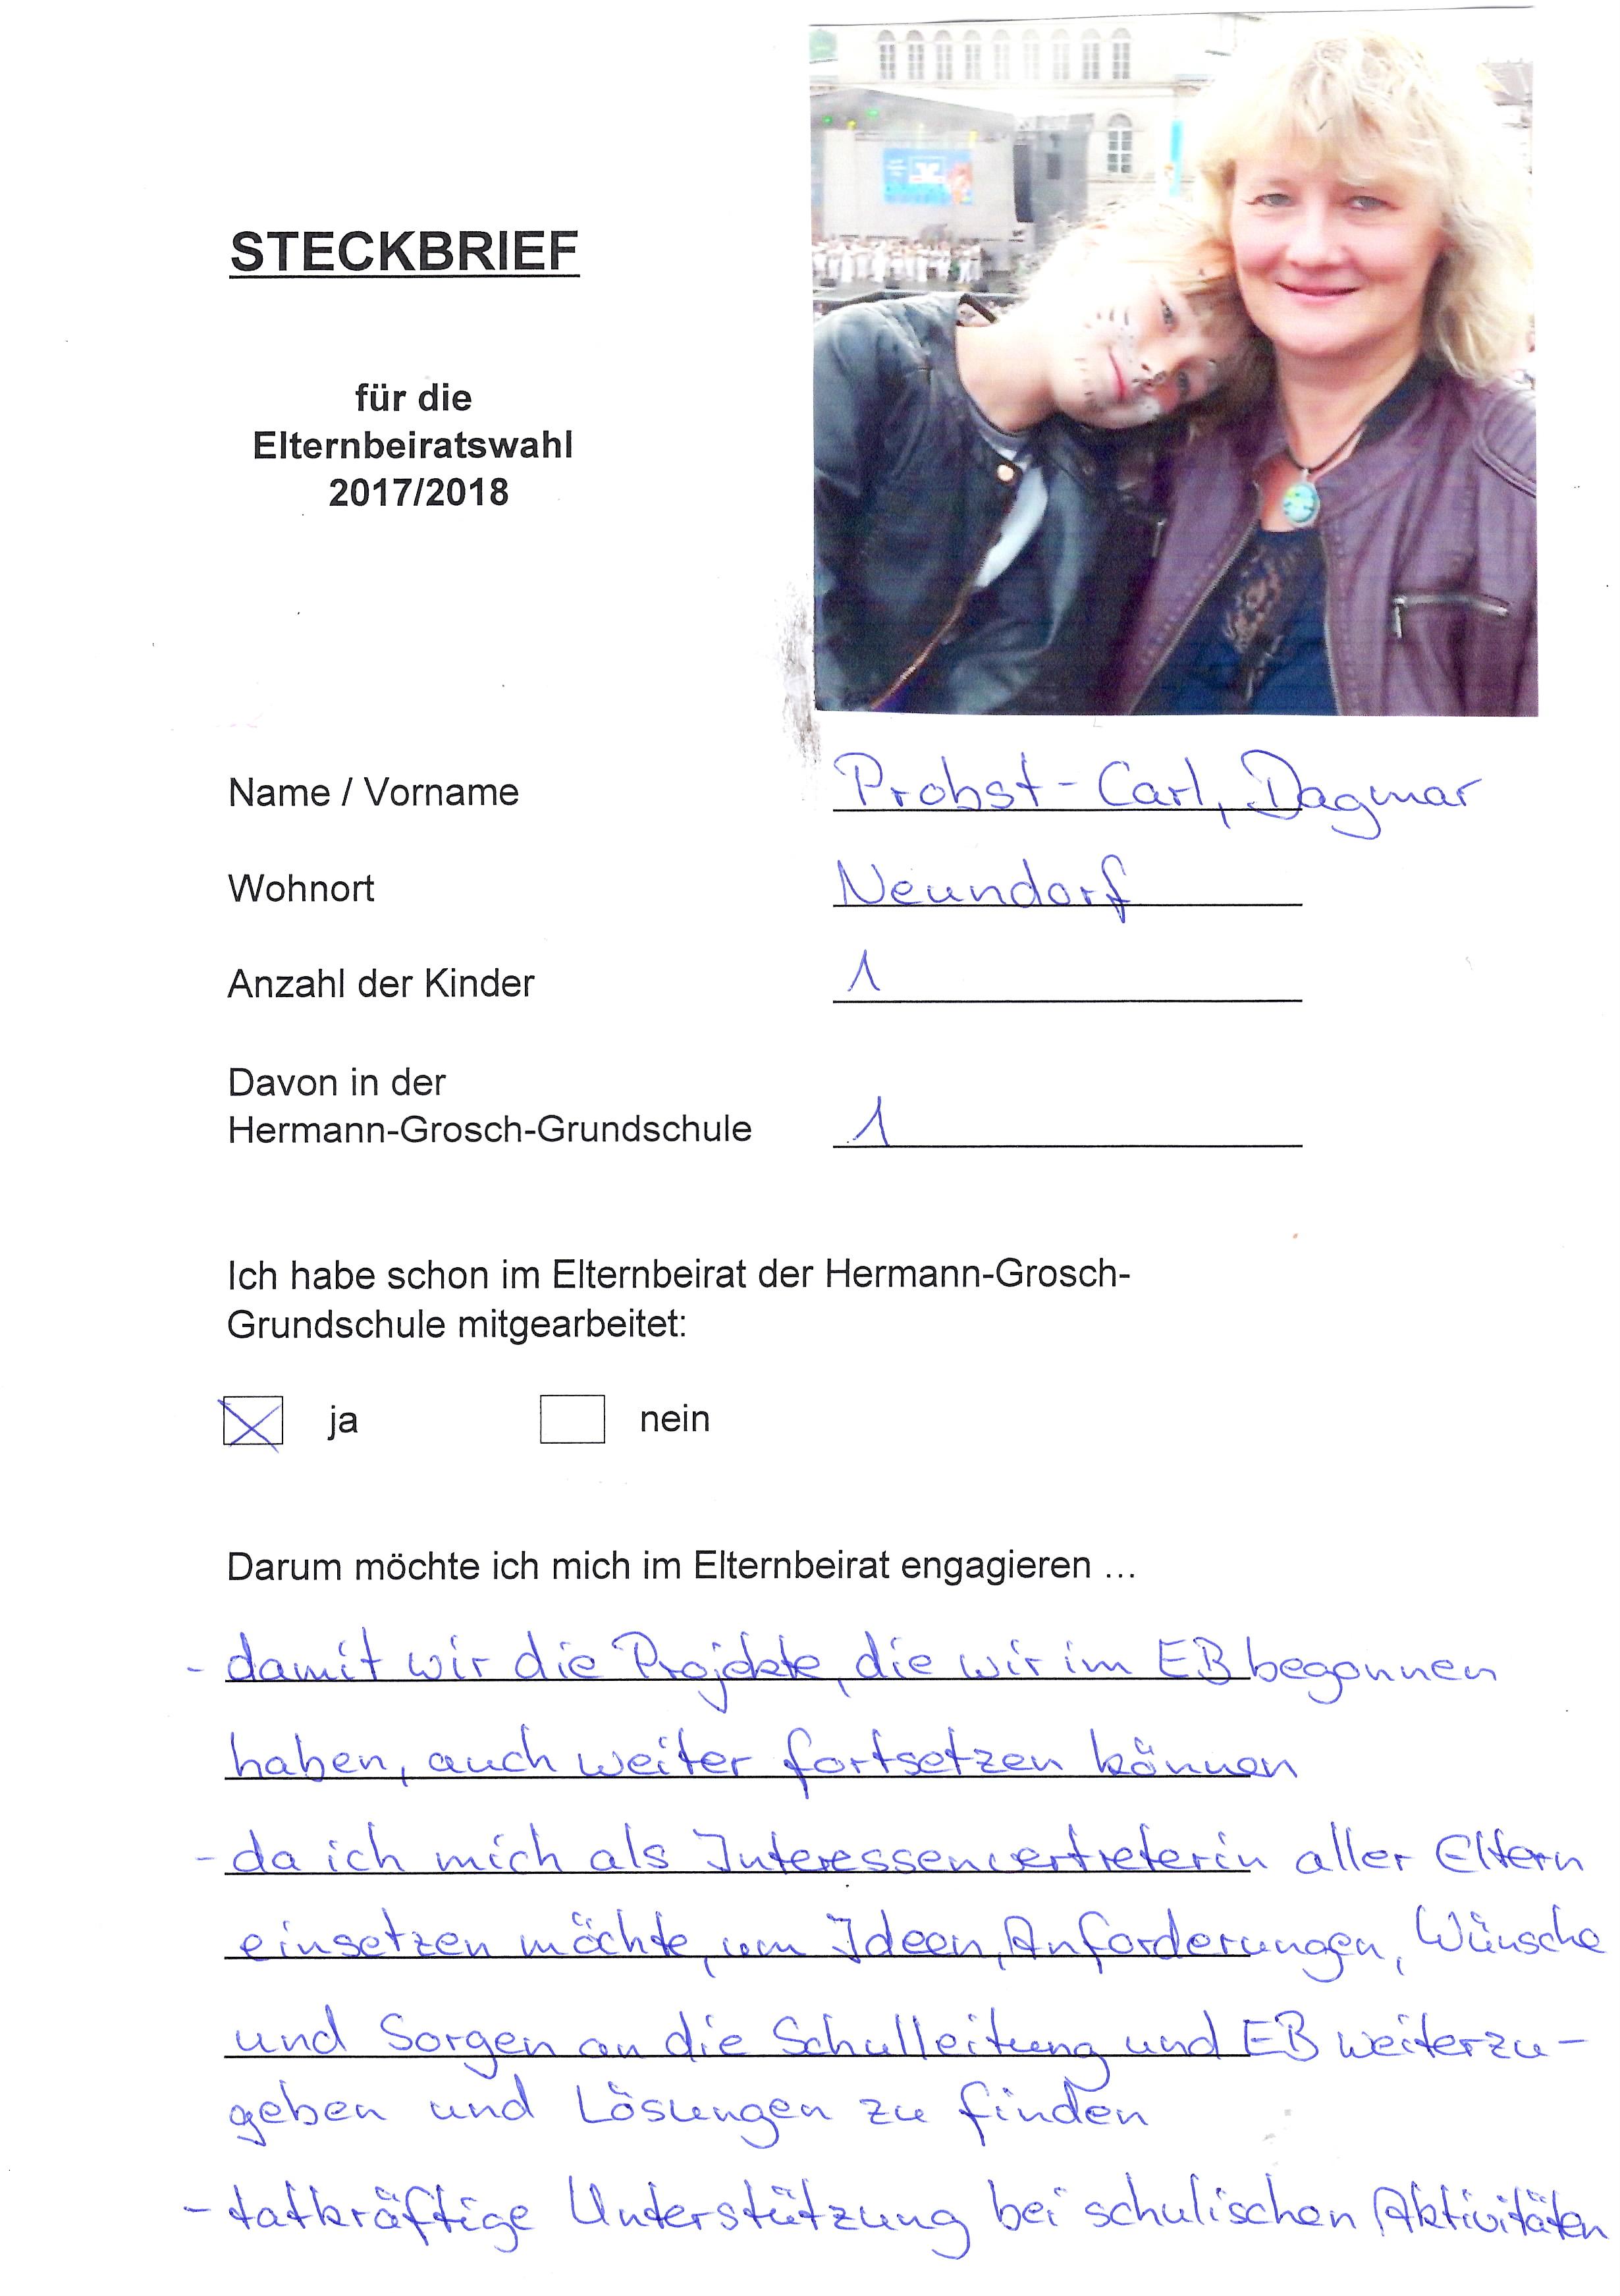 Elternbeirat Steckbrief